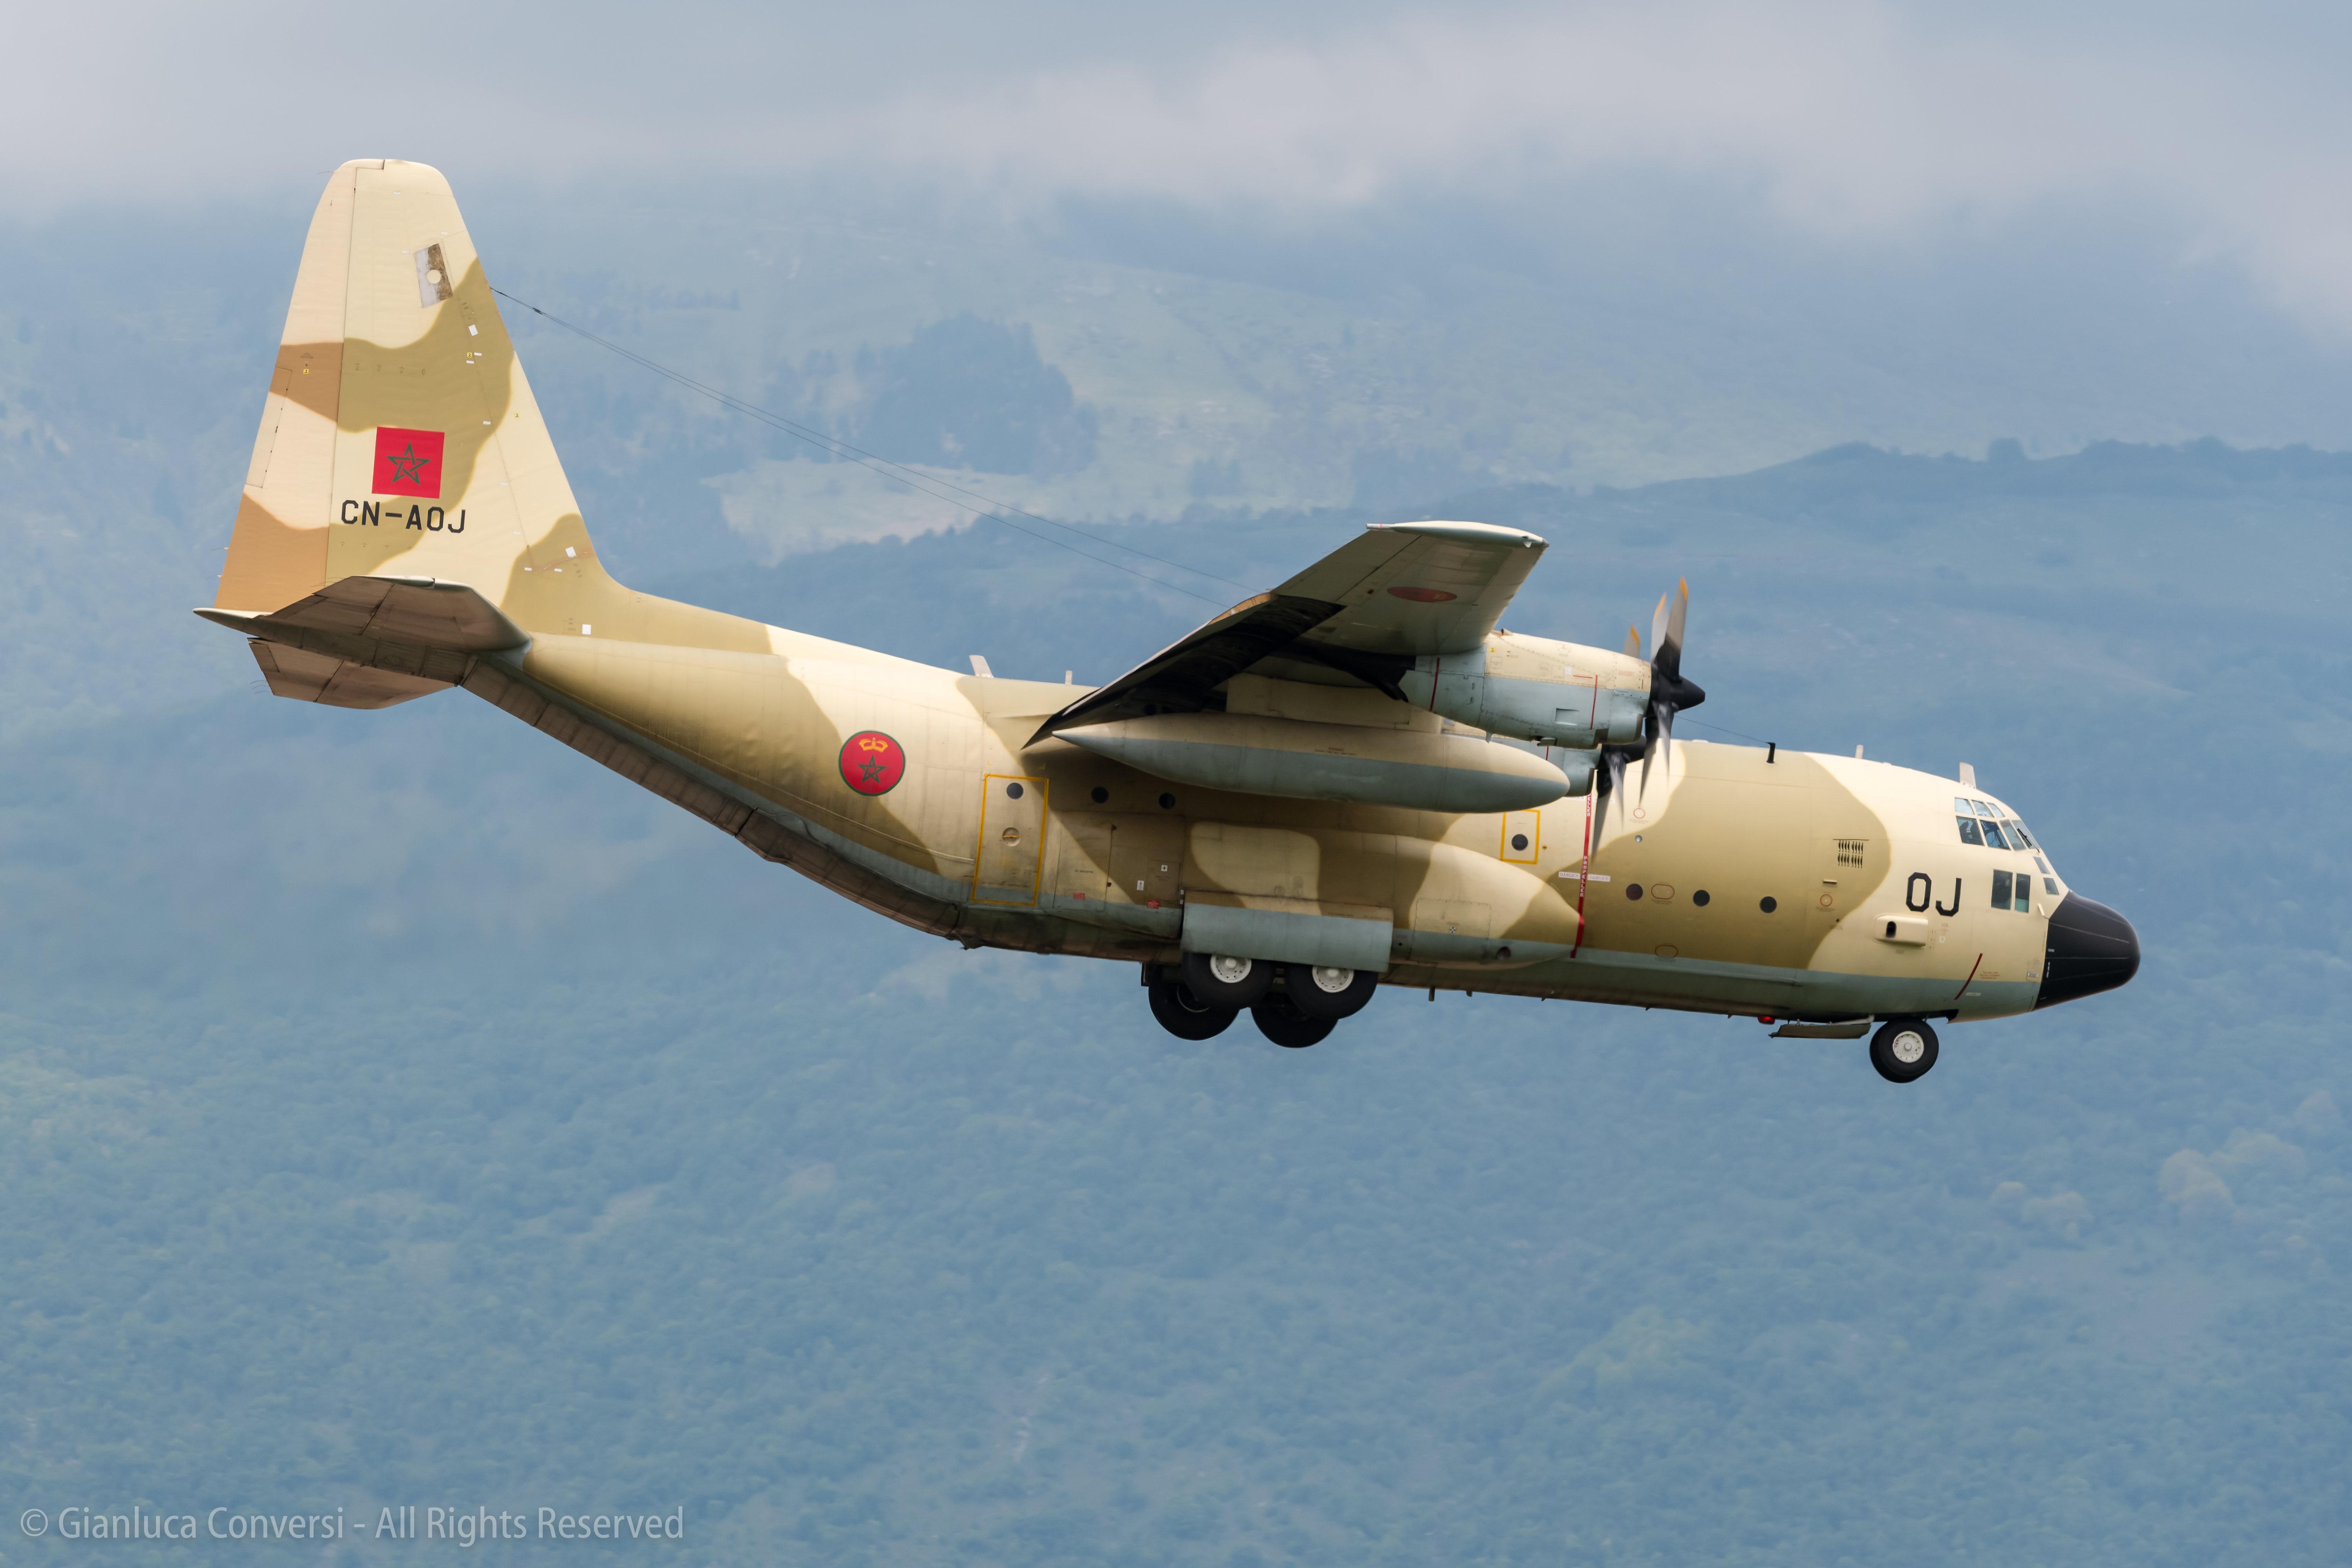 FRA: Photos d'avions de transport - Page 43 51202202916_44a1729329_6k